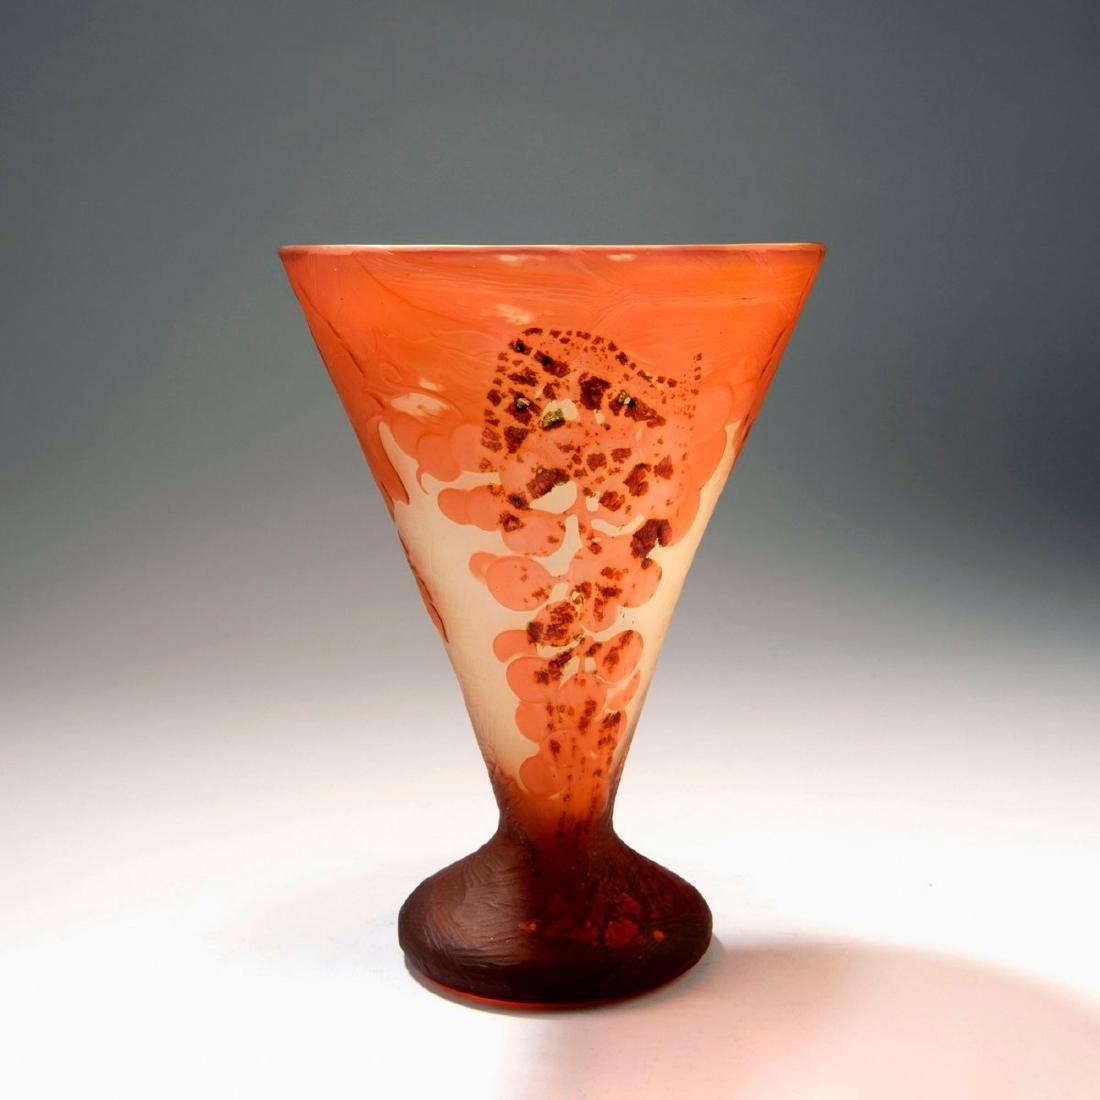 'Raisins' vase, c. 1900